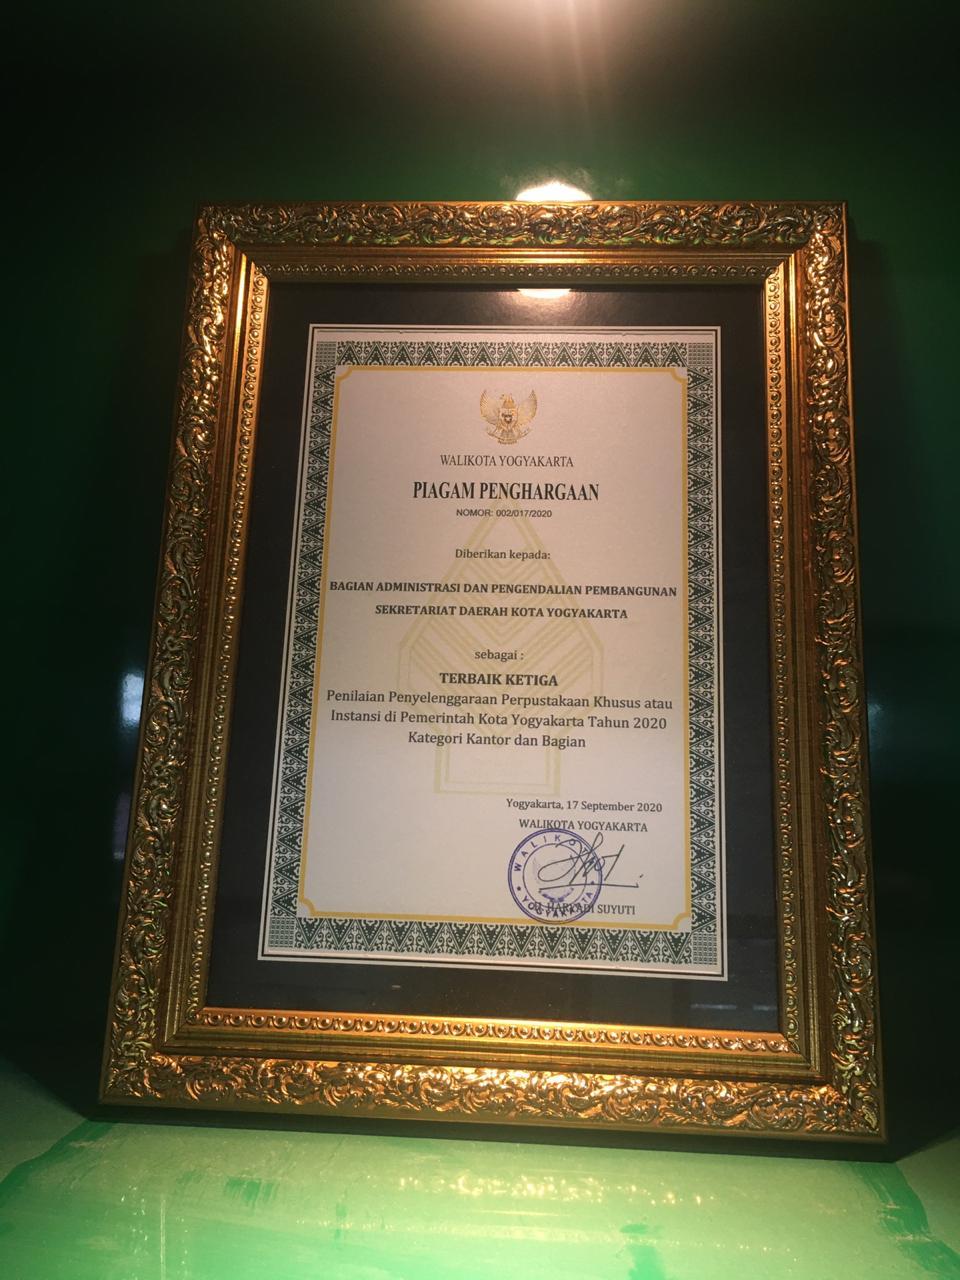 Penyerahan Piagam Penghargaan Lomba Perpustakaan di Lingkungan PEMKOT YOGYAKARTA